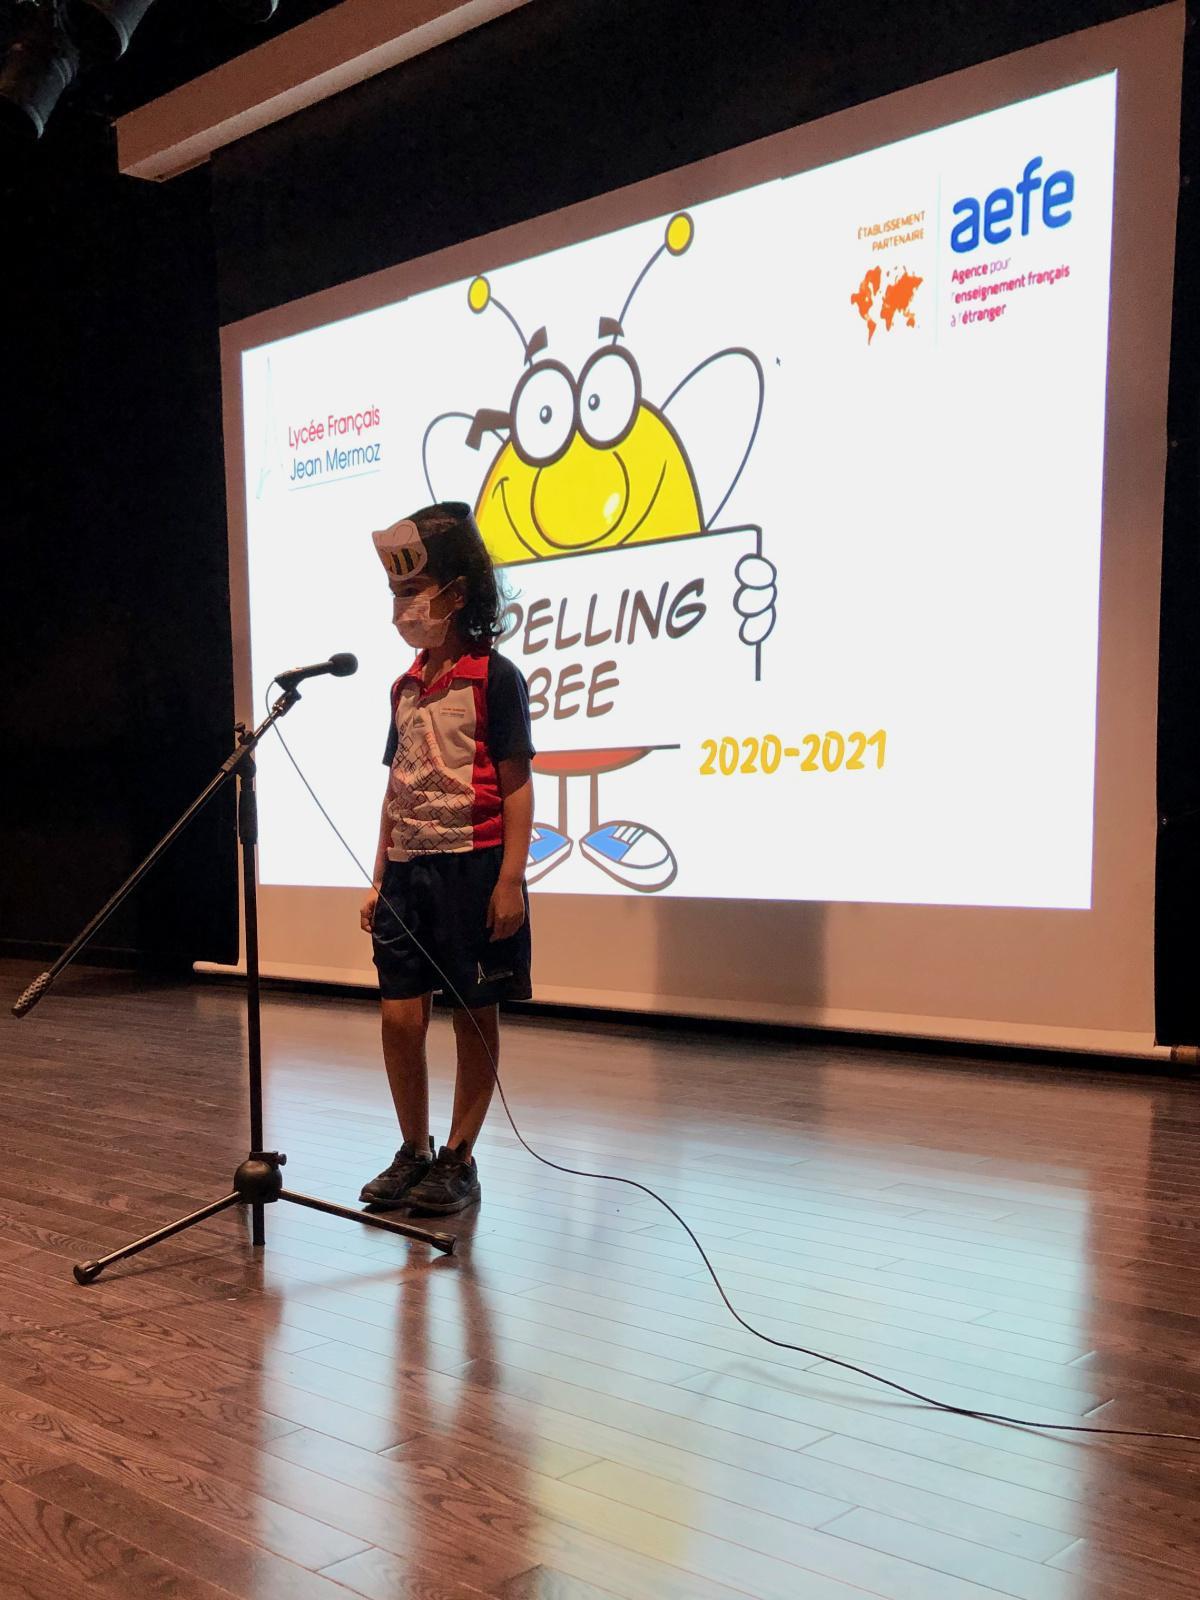 Spellbinding Spelling Bee 2020-2021